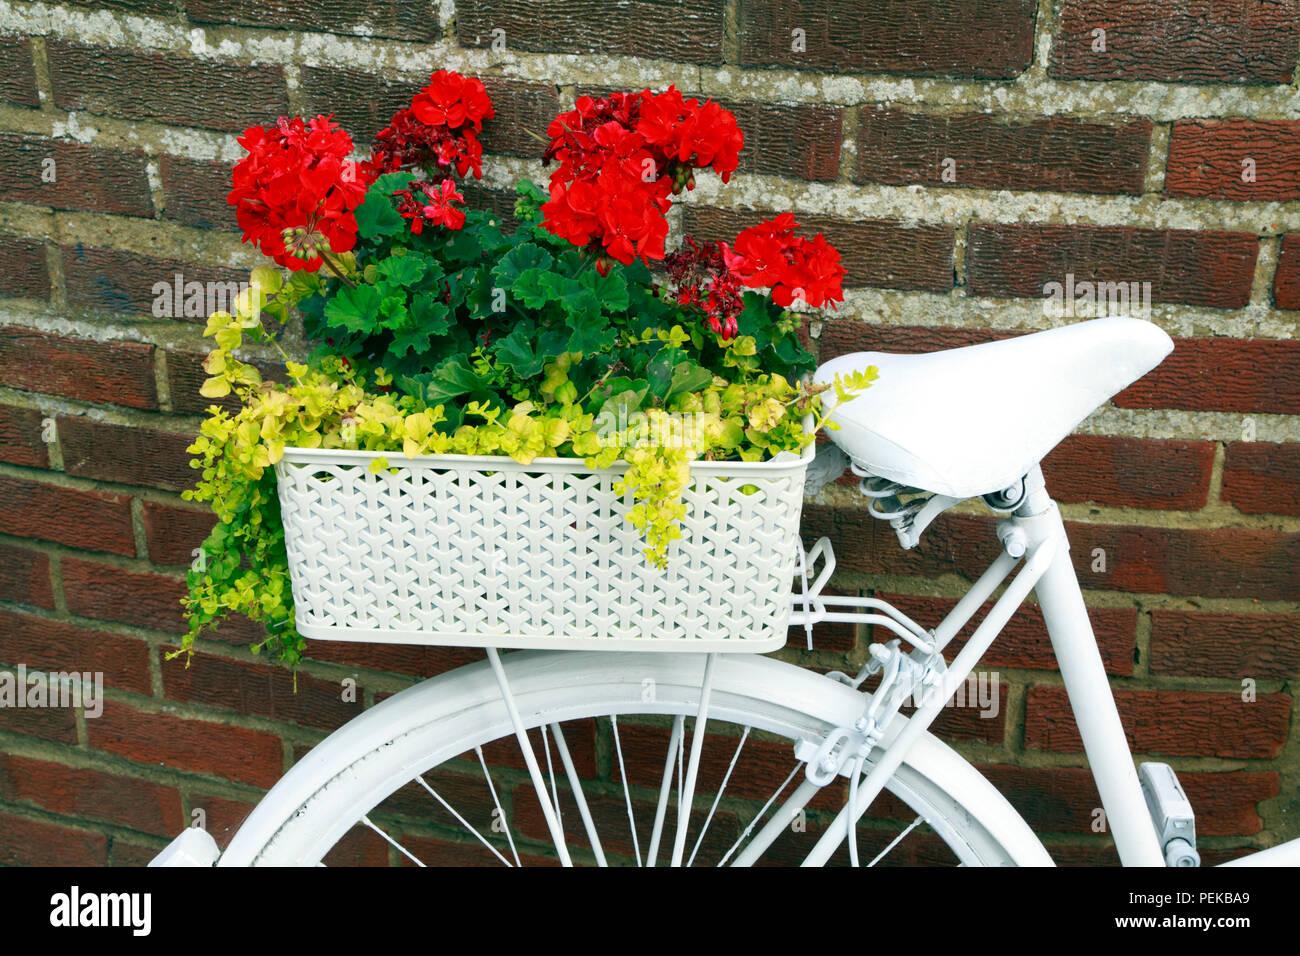 Hunstanton in Bloom, insolito contenitore per piante, pitturato di bianco bicicletta, piante di biancheria da letto Immagini Stock